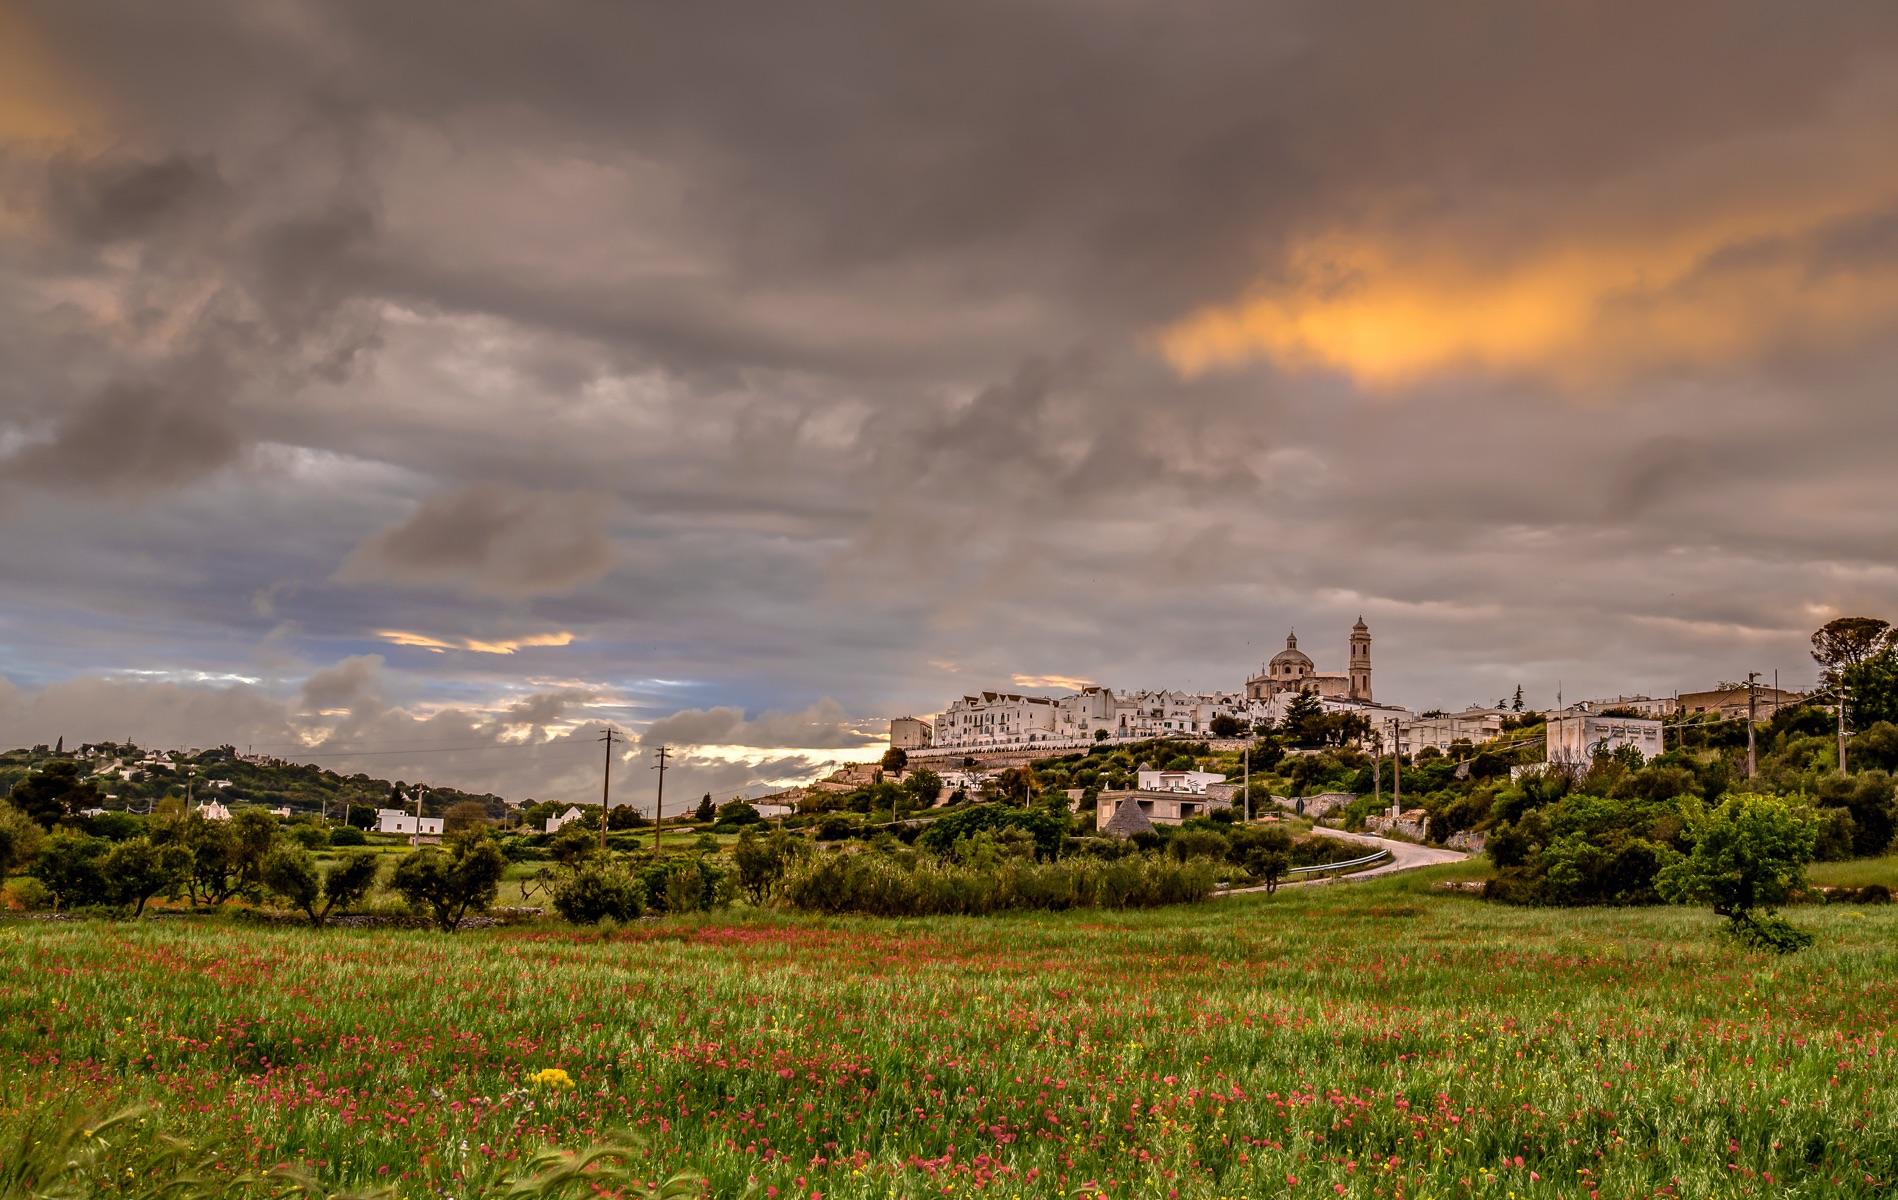 View of Locorotondo, Puglia, Italy